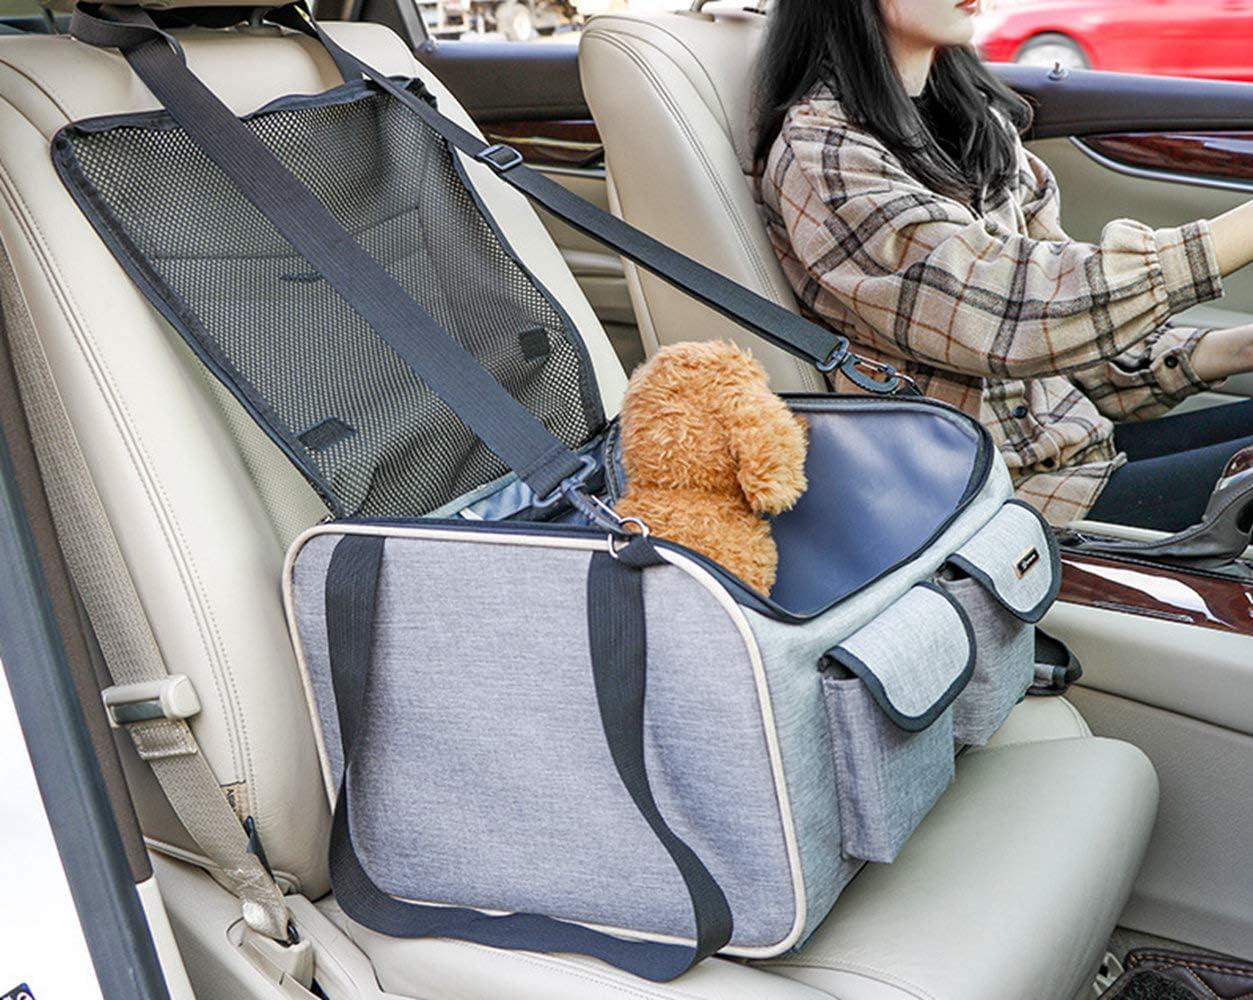 Petemoo Hunde Autositz Für Kleine Mittlere Hunde Und Katzen Atmungsaktive Wasserdichte Sitzbezug Mit Sicherheitsleine Kleine Hundewelpe Reise Auto Beschützer Tragetasche Haustier